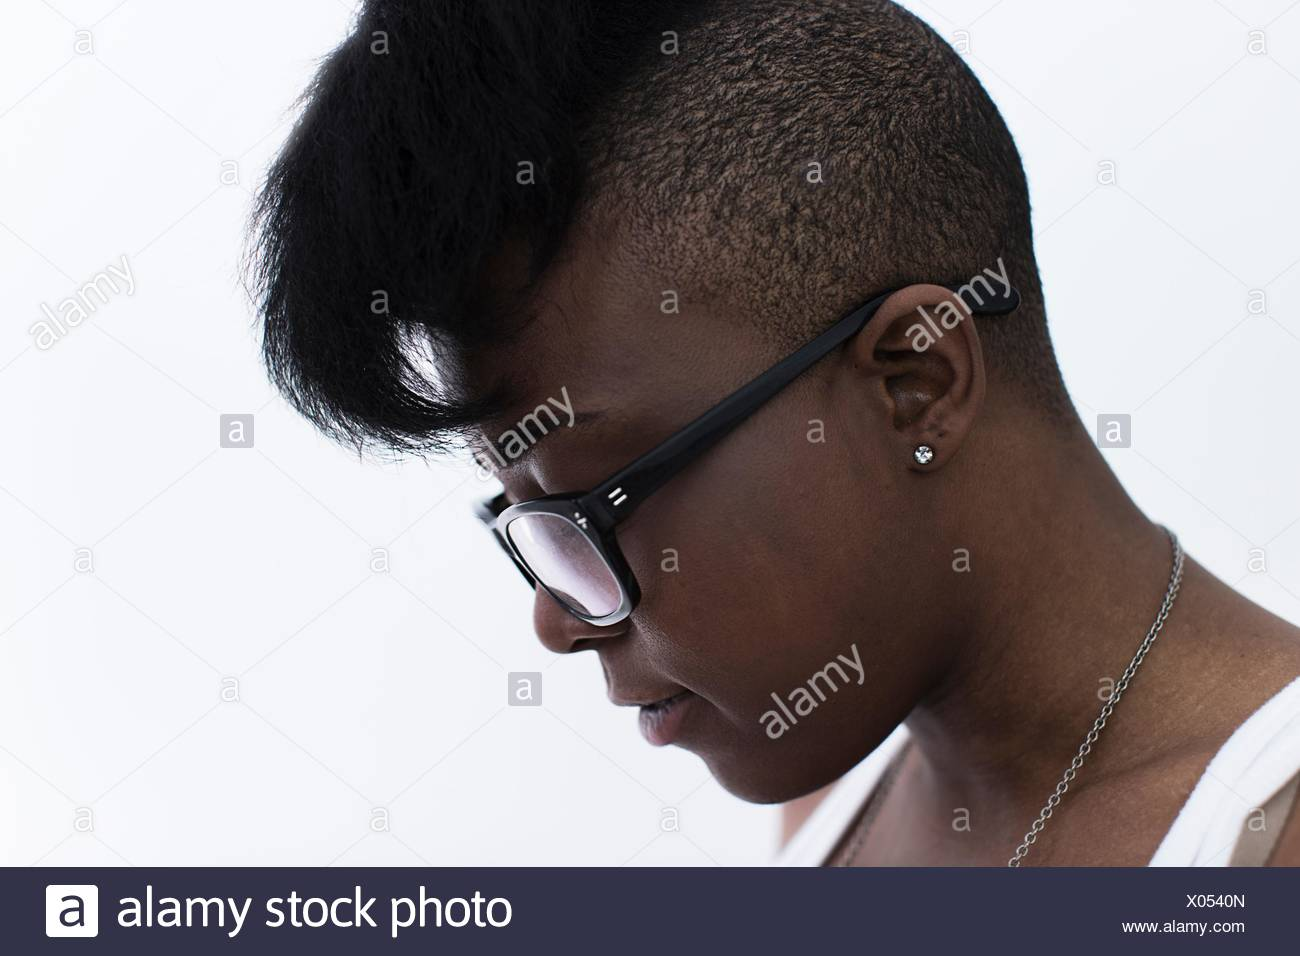 Studio profile Ritratto di giovane donna con la testa rasata e quiff Immagini Stock